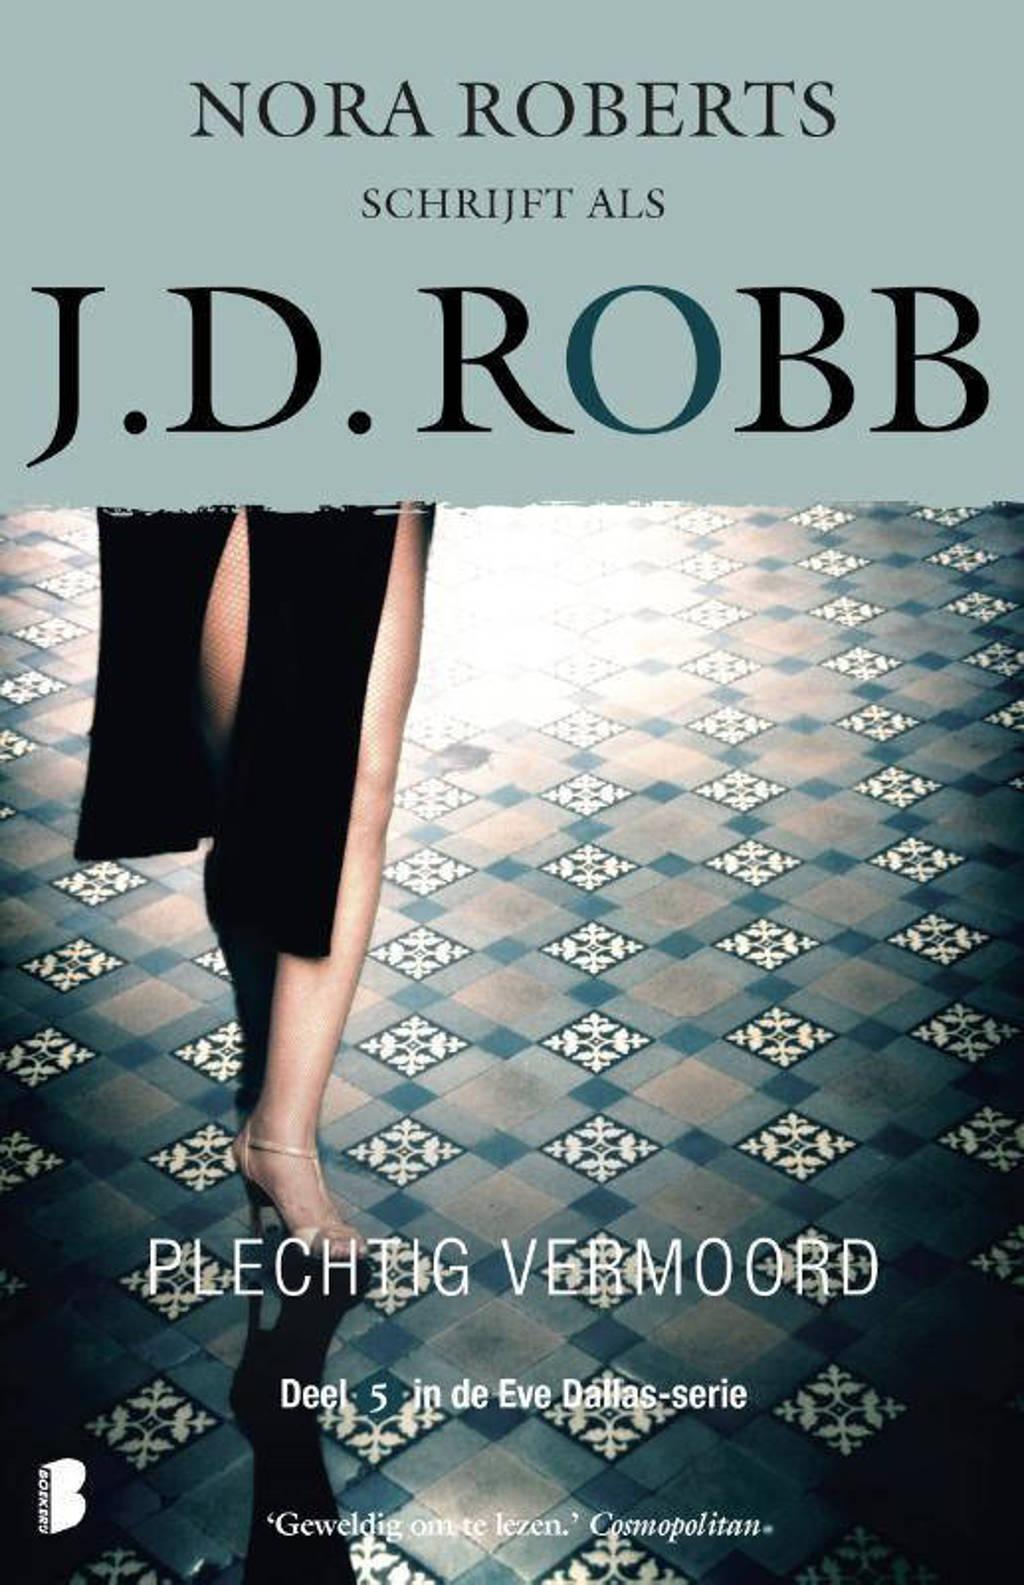 Eve Dallas: Plechtig vermoord - J.D. Robb